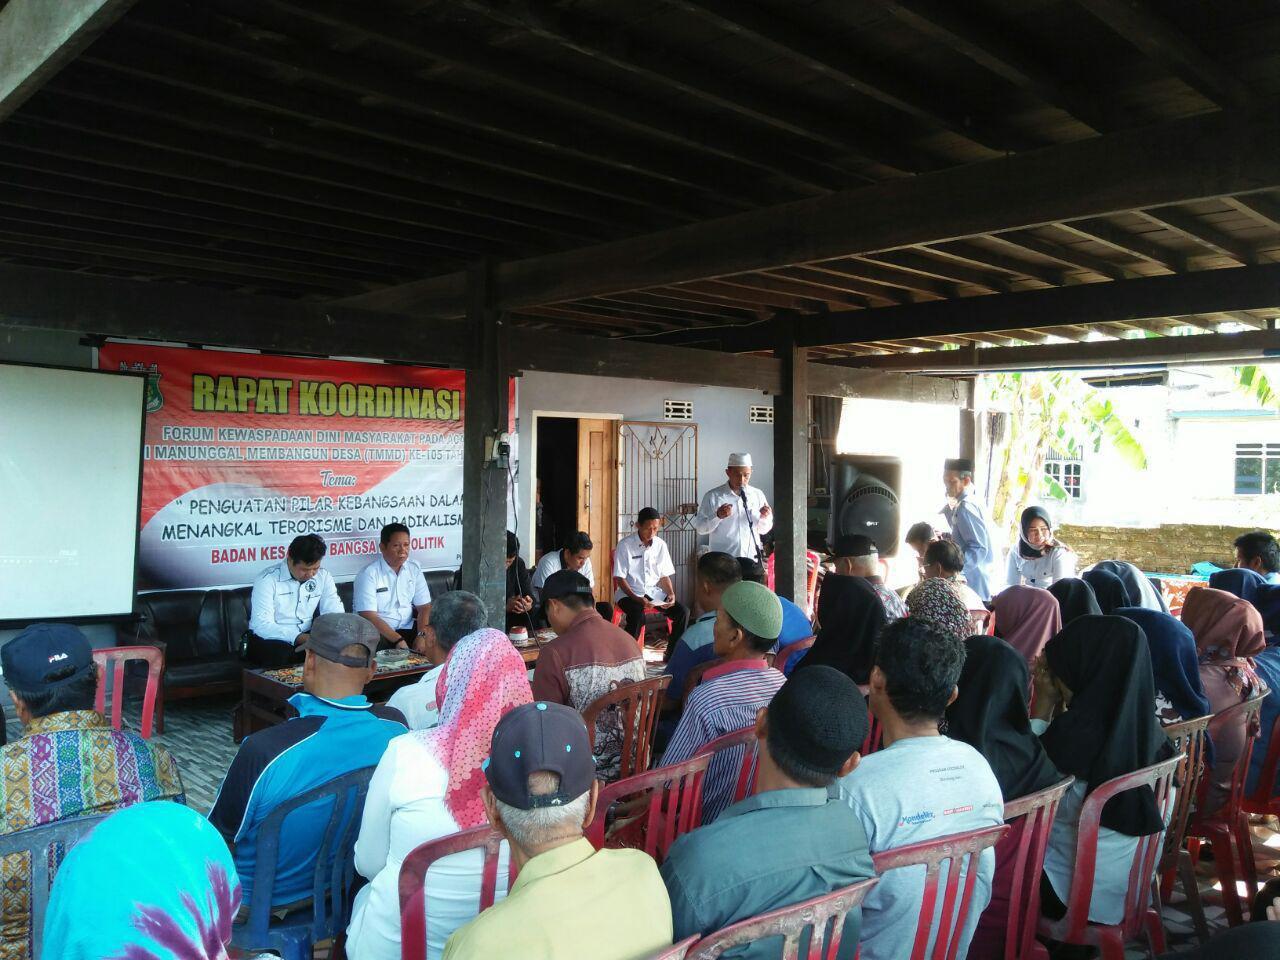 Waspada Dini Terorisme dan Radikalisme, Pemkab Pinrang Bekerjasama Satgas TMMD Gelar Rakor FKDM